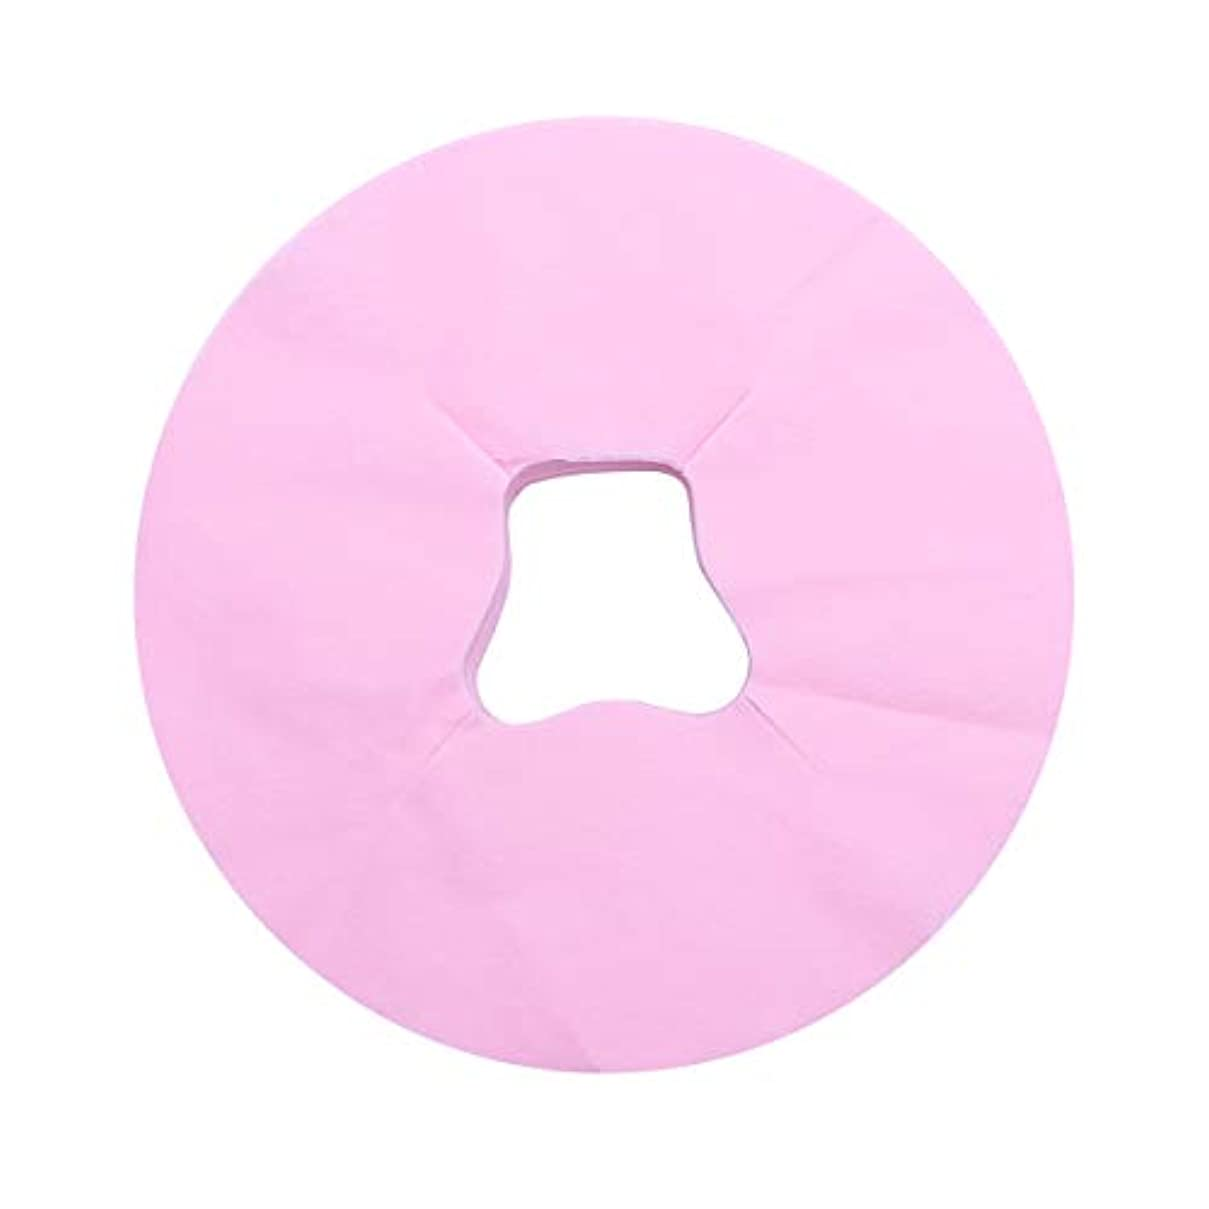 叱る終わった旅客Healifty 100ピース使い捨てフェイスマッサージカバーパッドフェイスホールピロークッションマットサロンスパフェイシャルベッドヘッドレスト枕シート(ピンク)